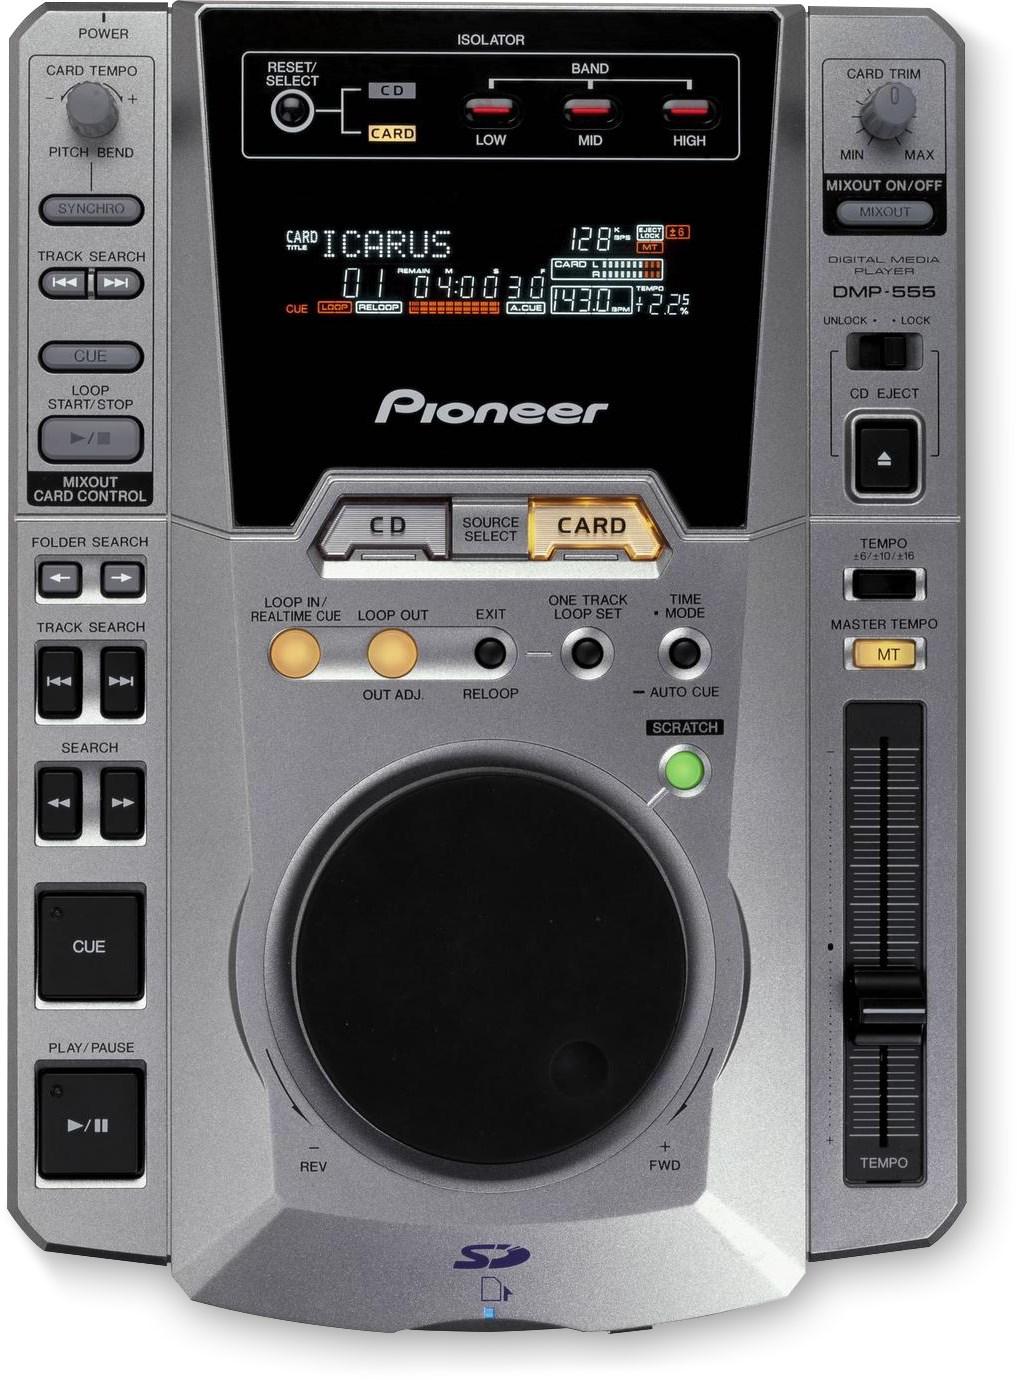 DMP-55 main